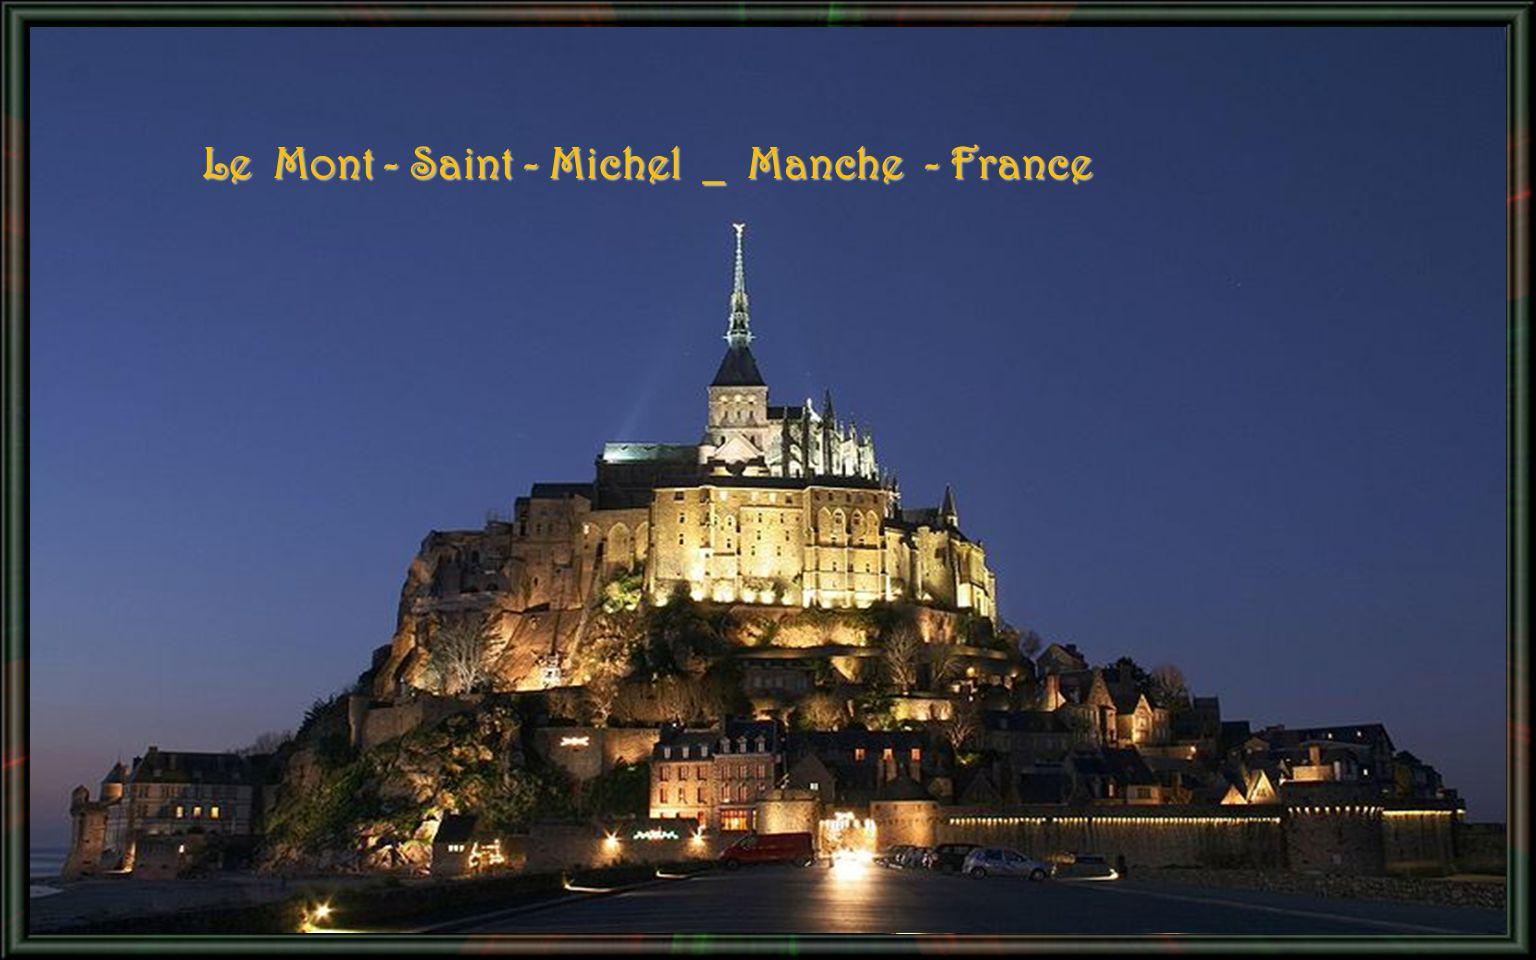 Le Mont - Saint - Michel _ Manche - France